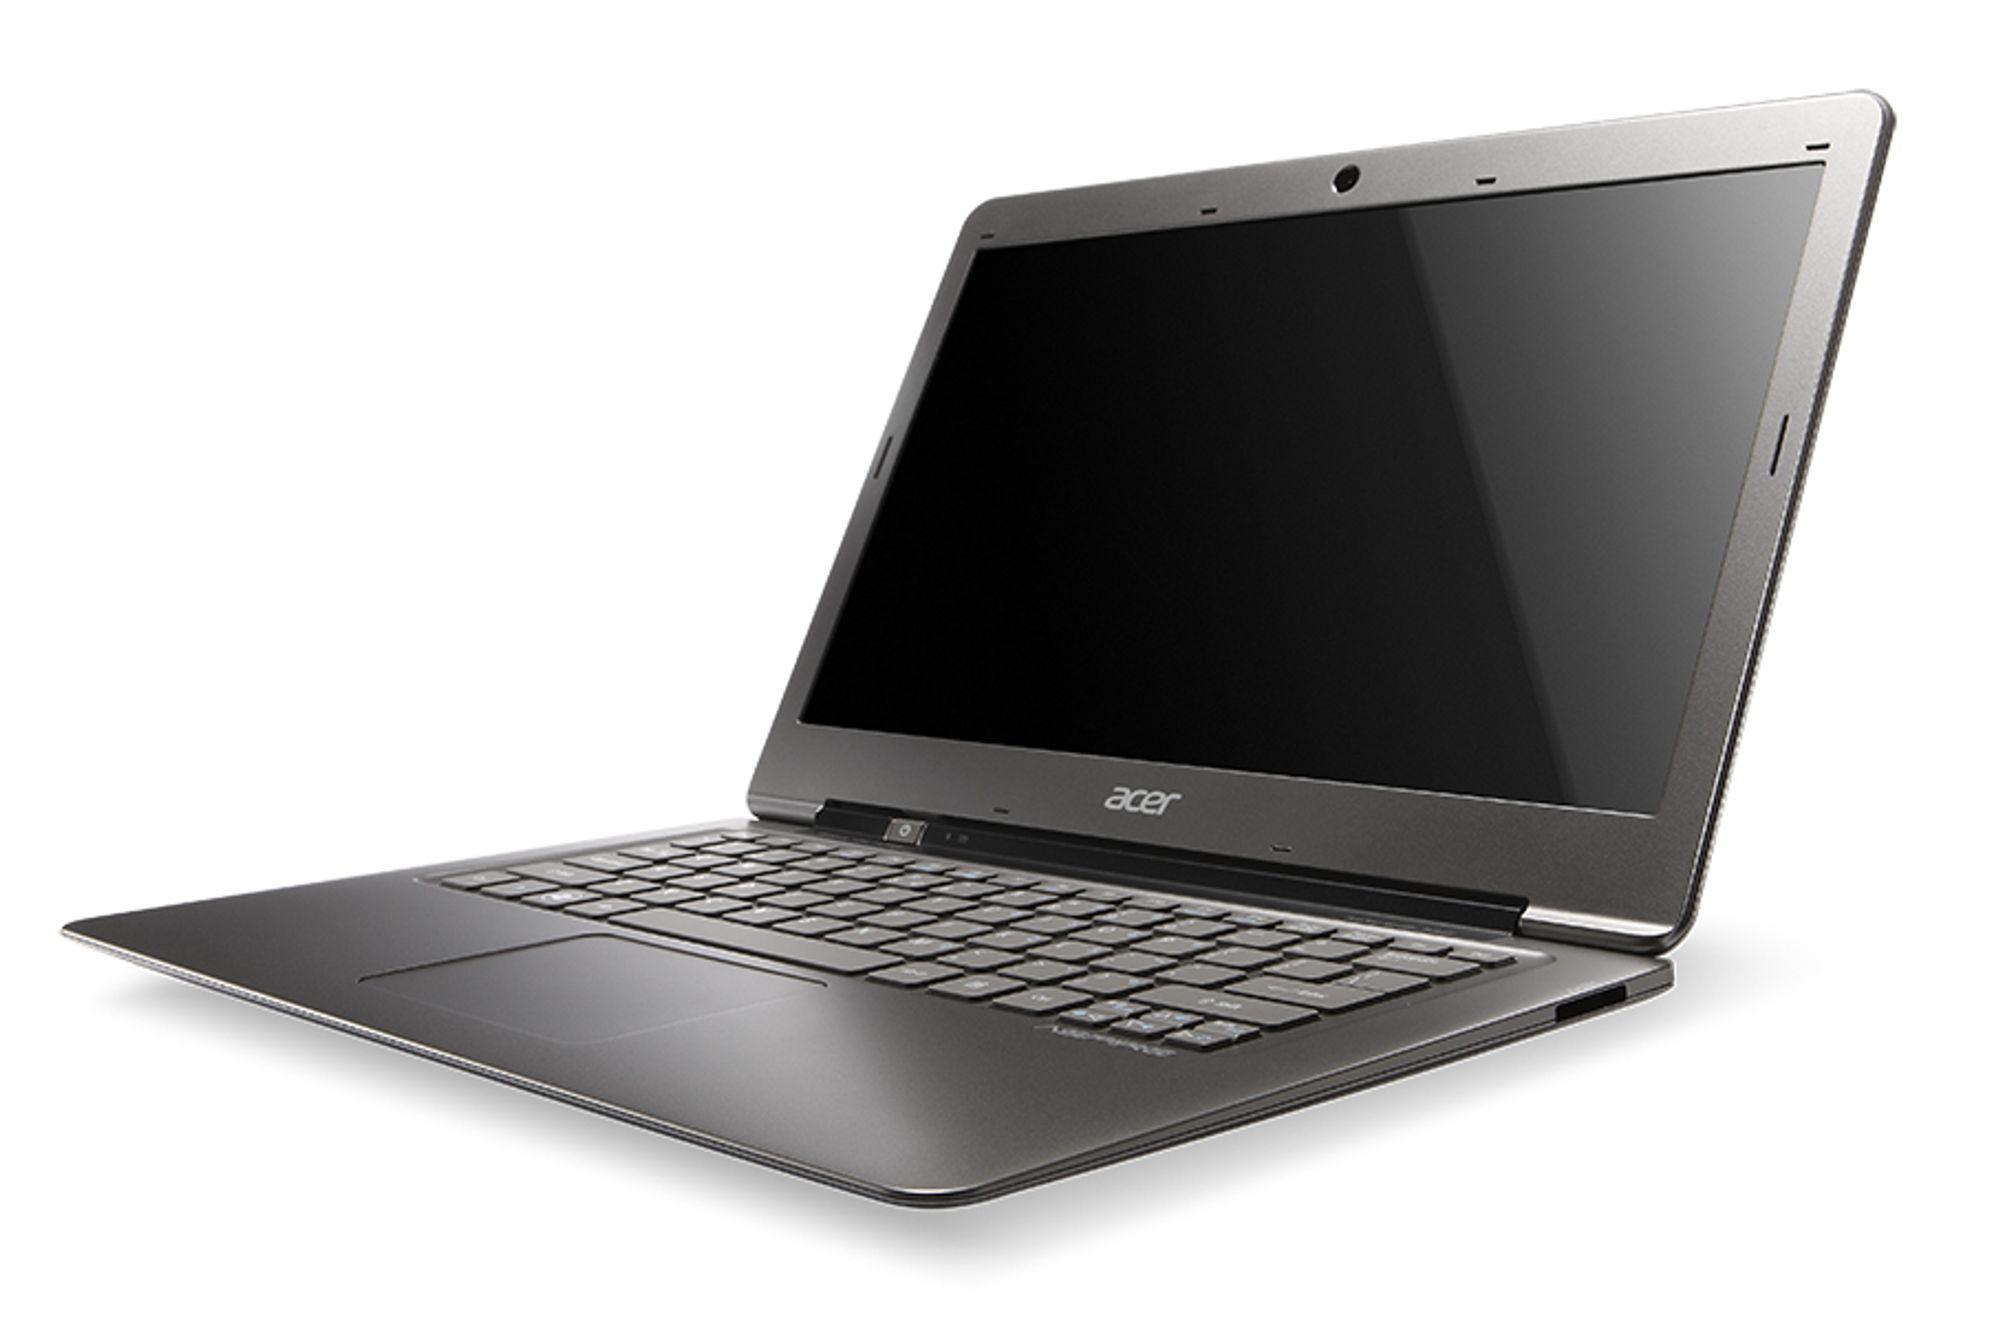 Acer Aspire S3 blir den billigste av de lanserte ultrabookene, med en startpris på 799 euro, snaut 6400 kroner.